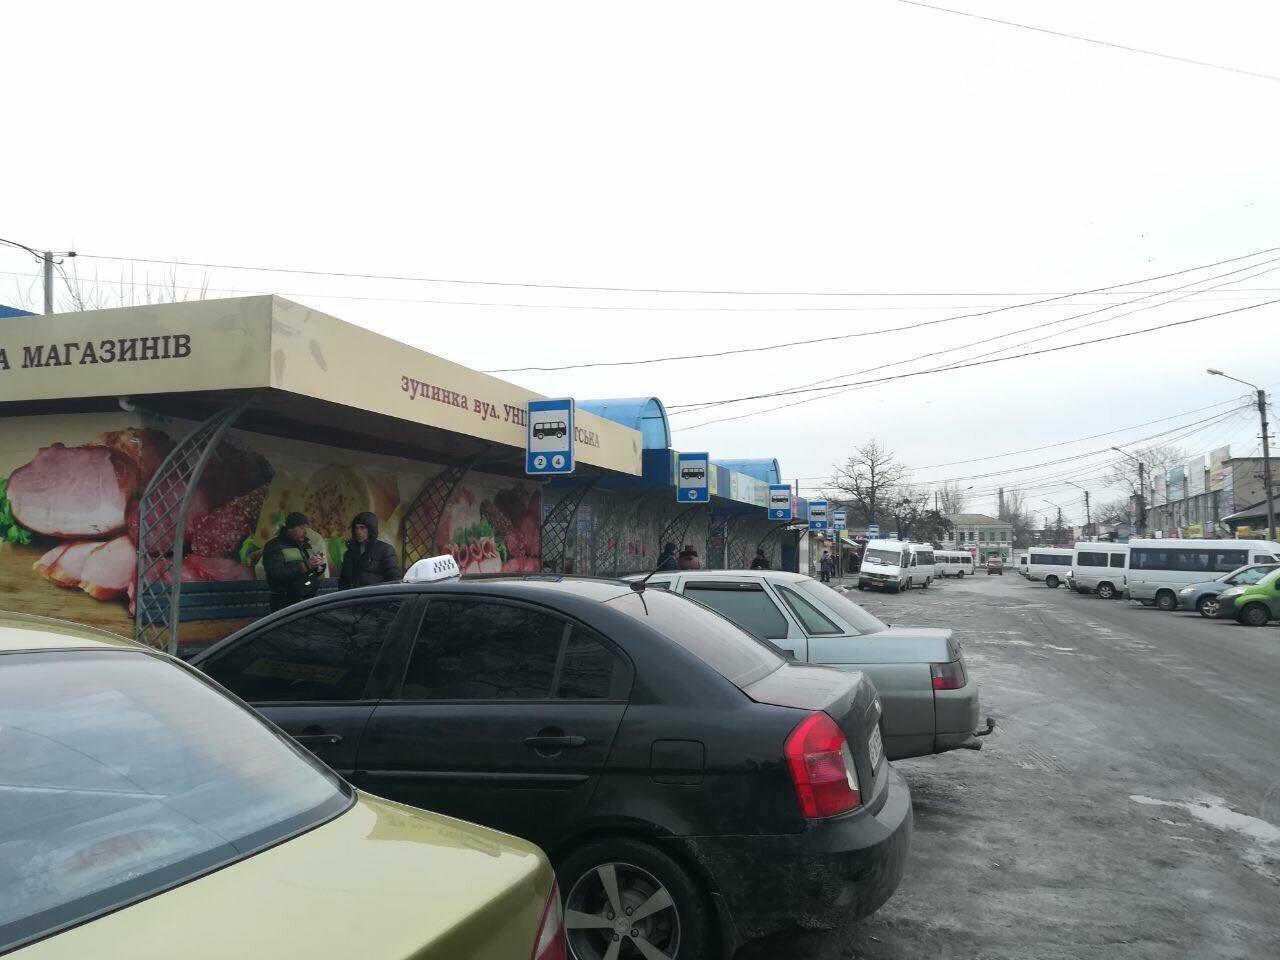 В Мелитополе на рынке установили информационные таблички, фото-1